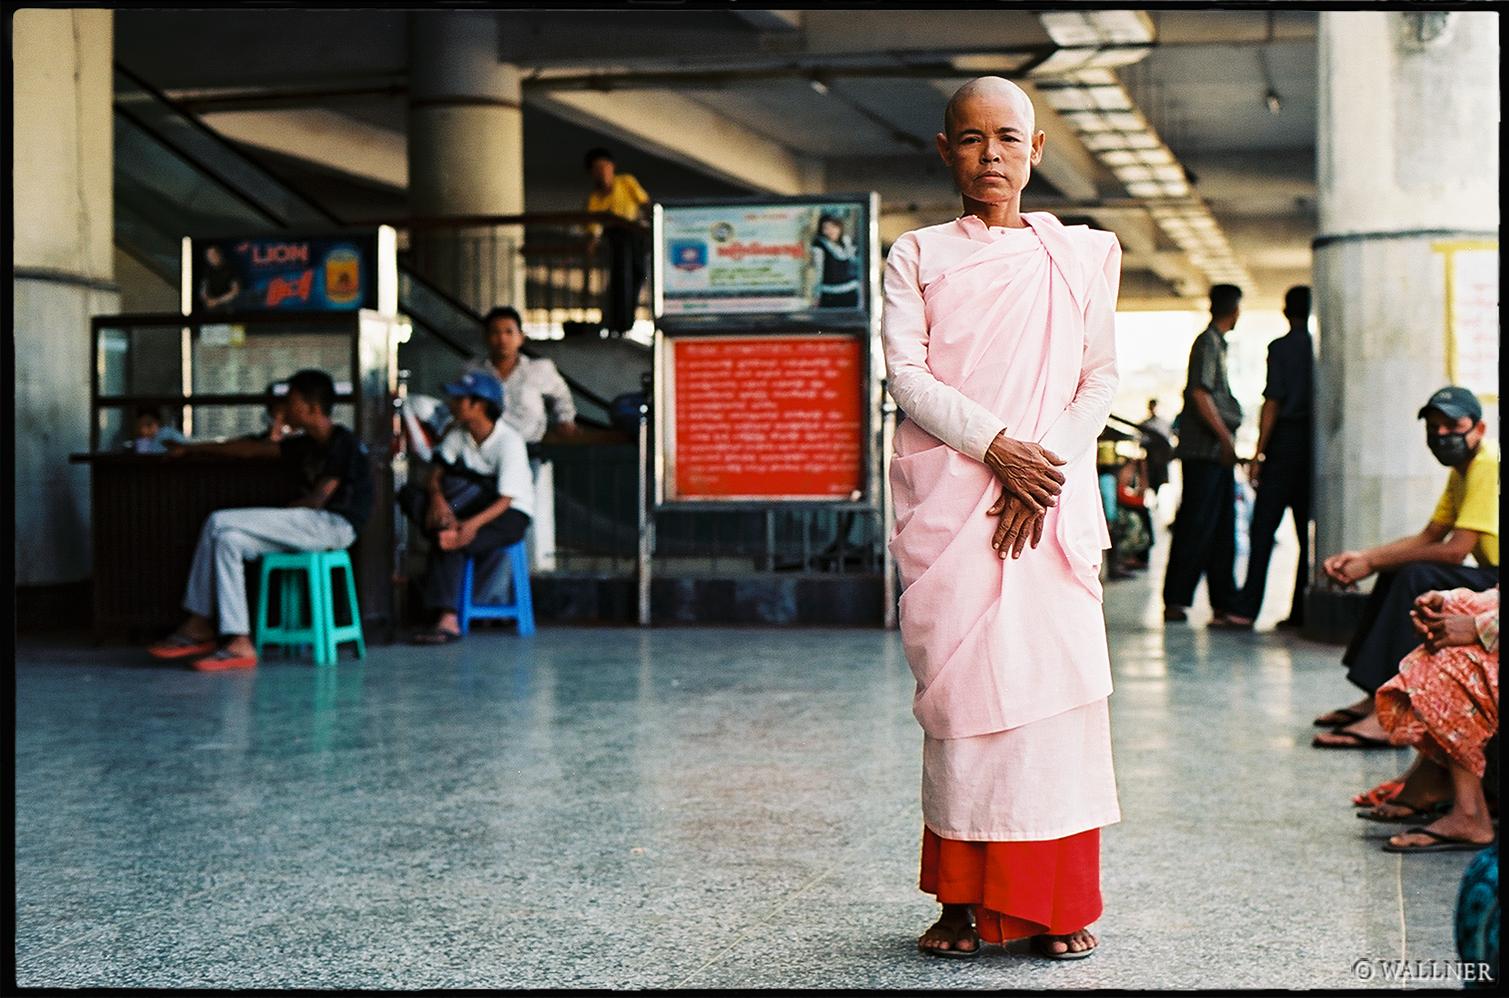 35mmPatrikWallner_Mandalay_TrainWaitingNunLOWQ